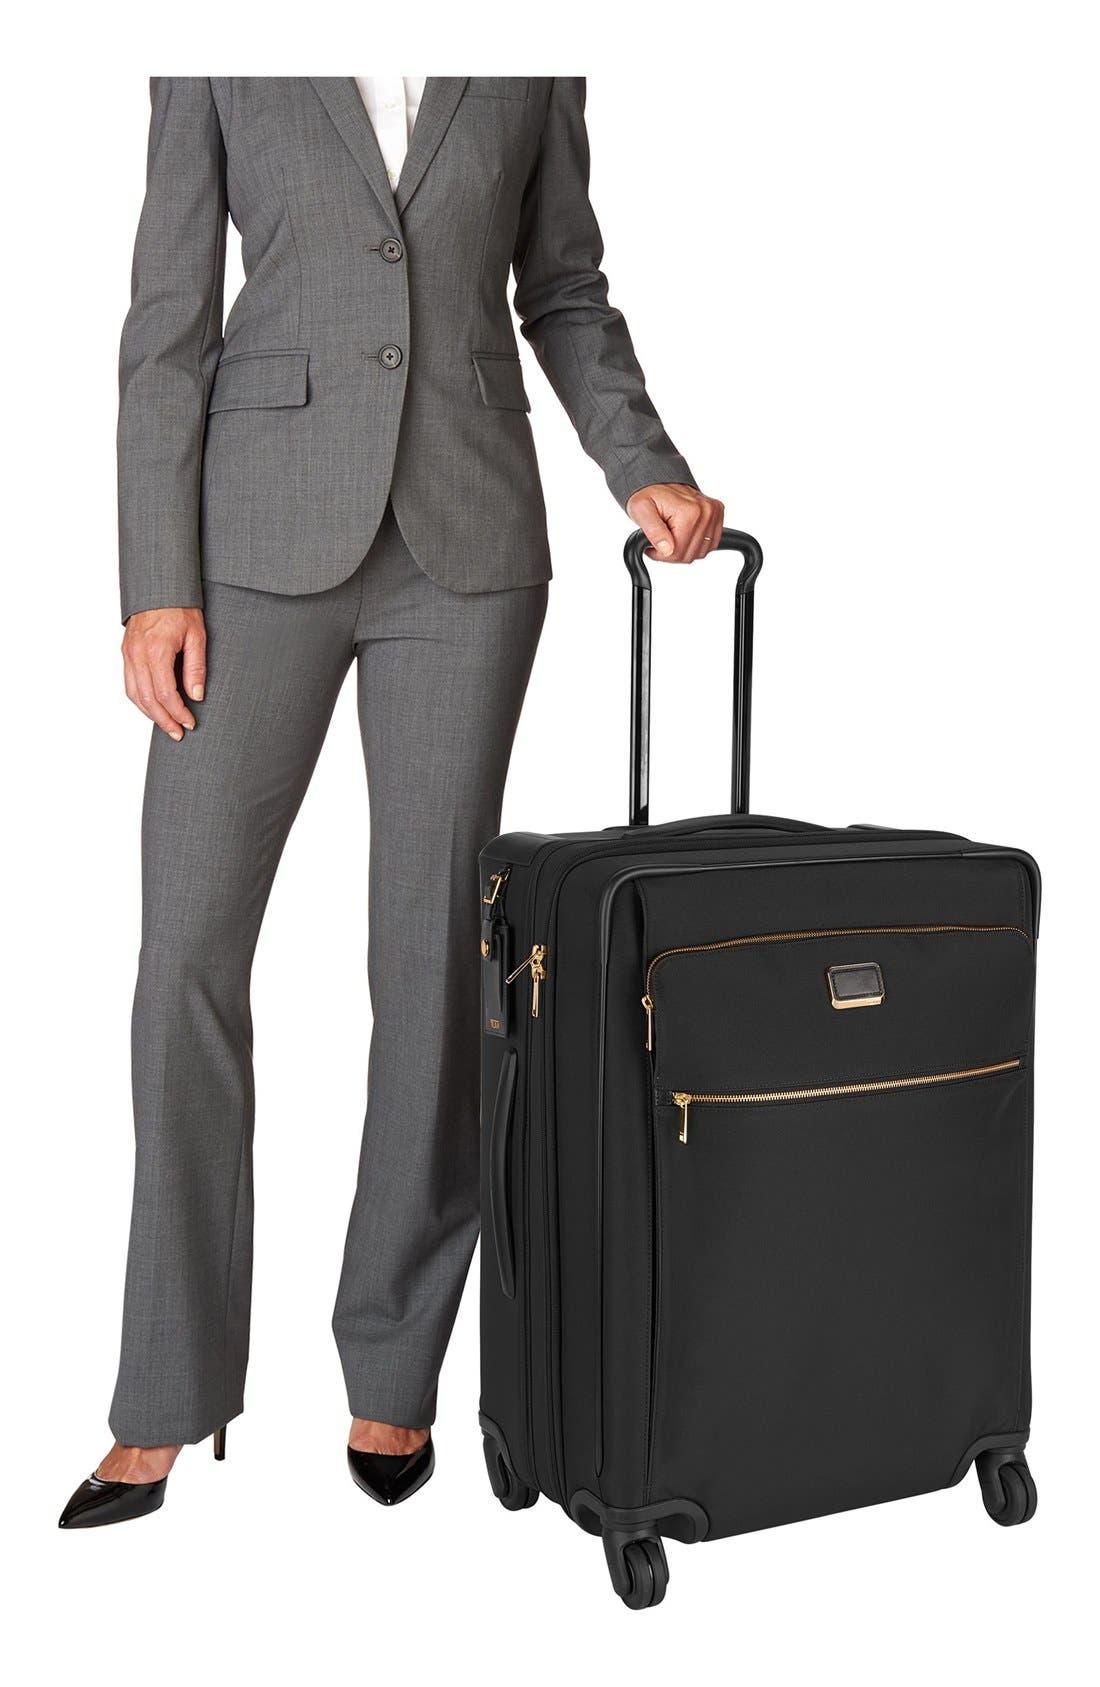 Larkin - Jess Short Trip 26-Inch Expandable 4-Wheel Suitcase,                             Alternate thumbnail 7, color,                             BLACK